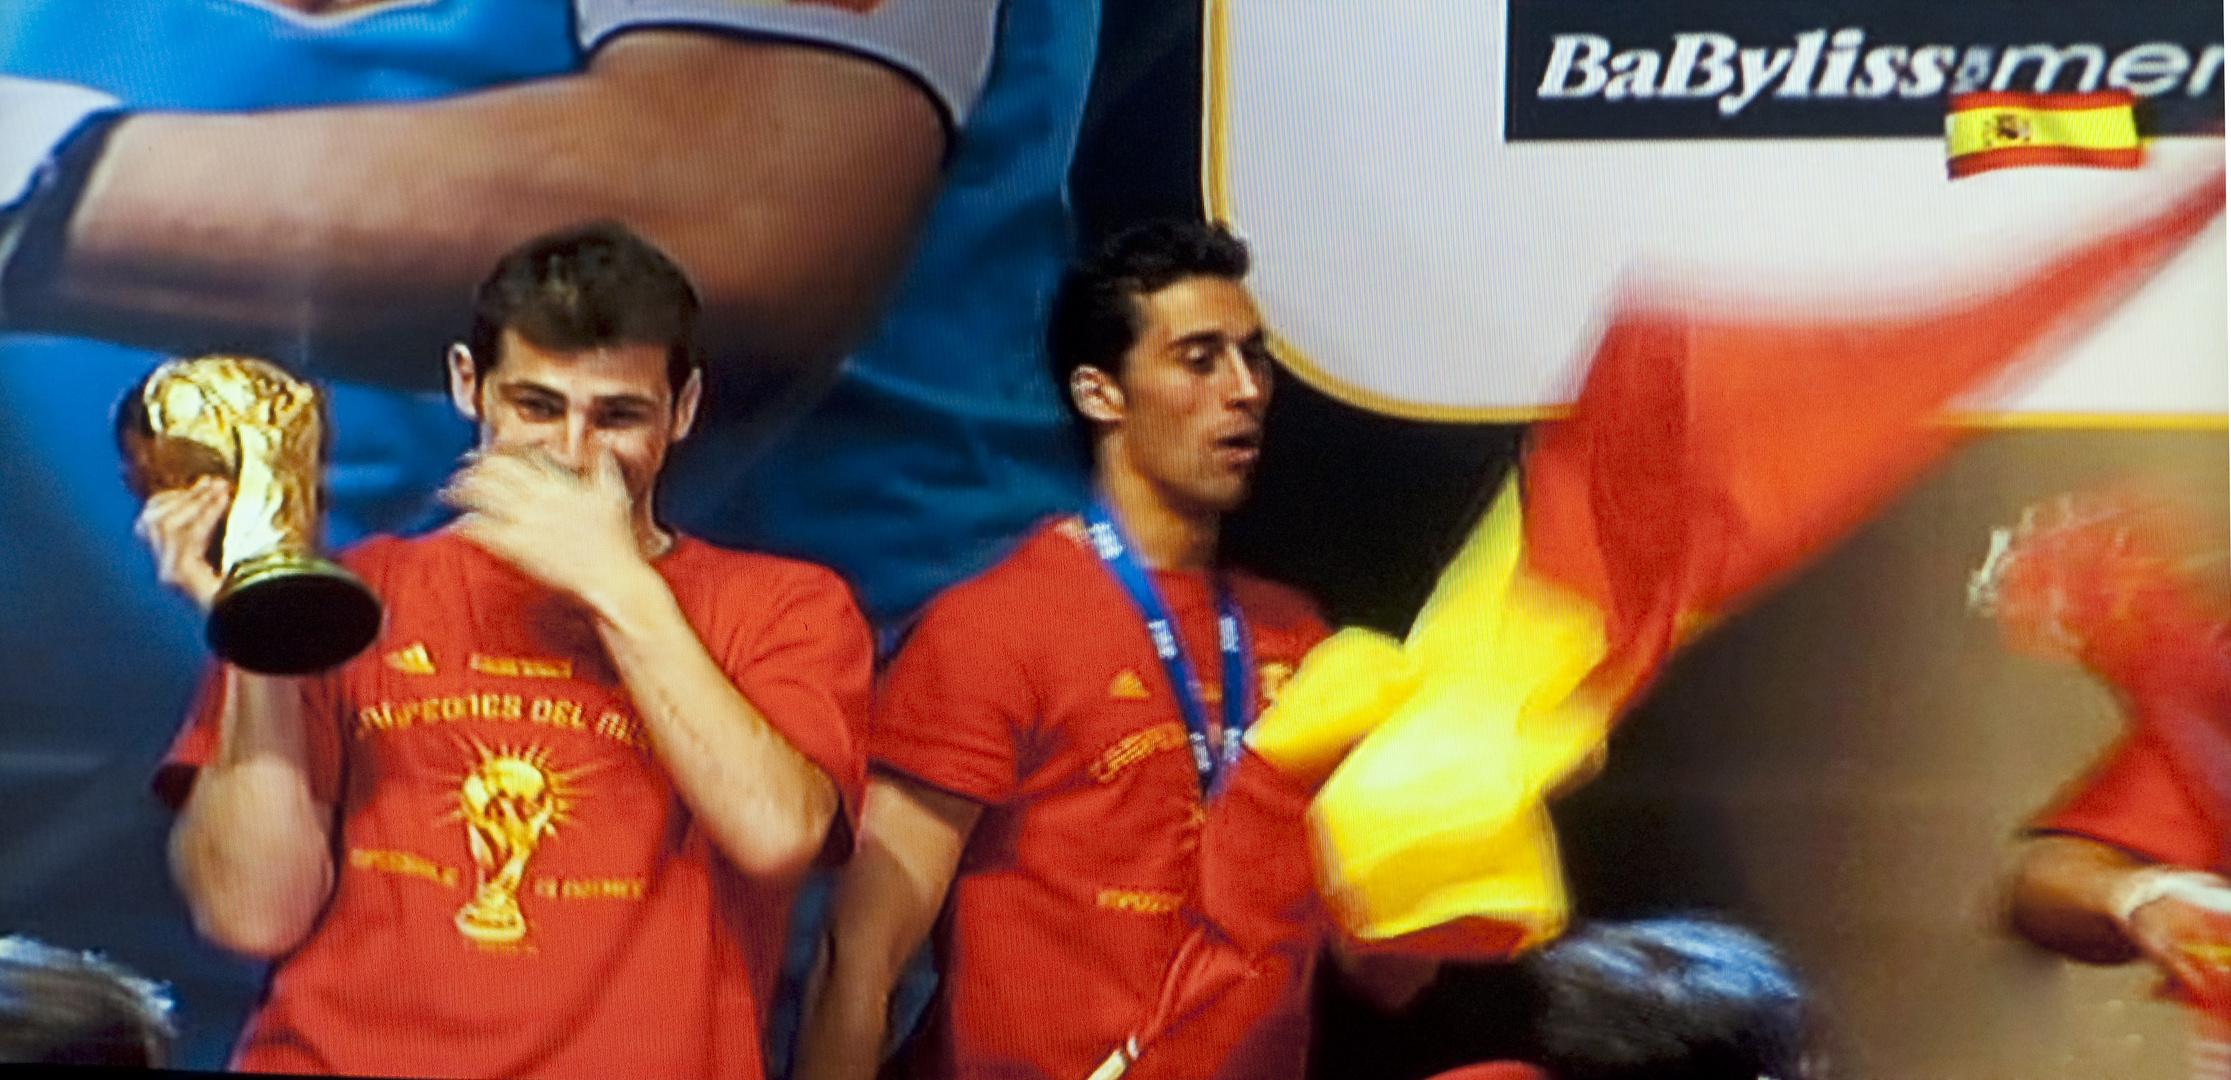 La copa. Las lágrimas de Casillas, el mejor portero del mundo